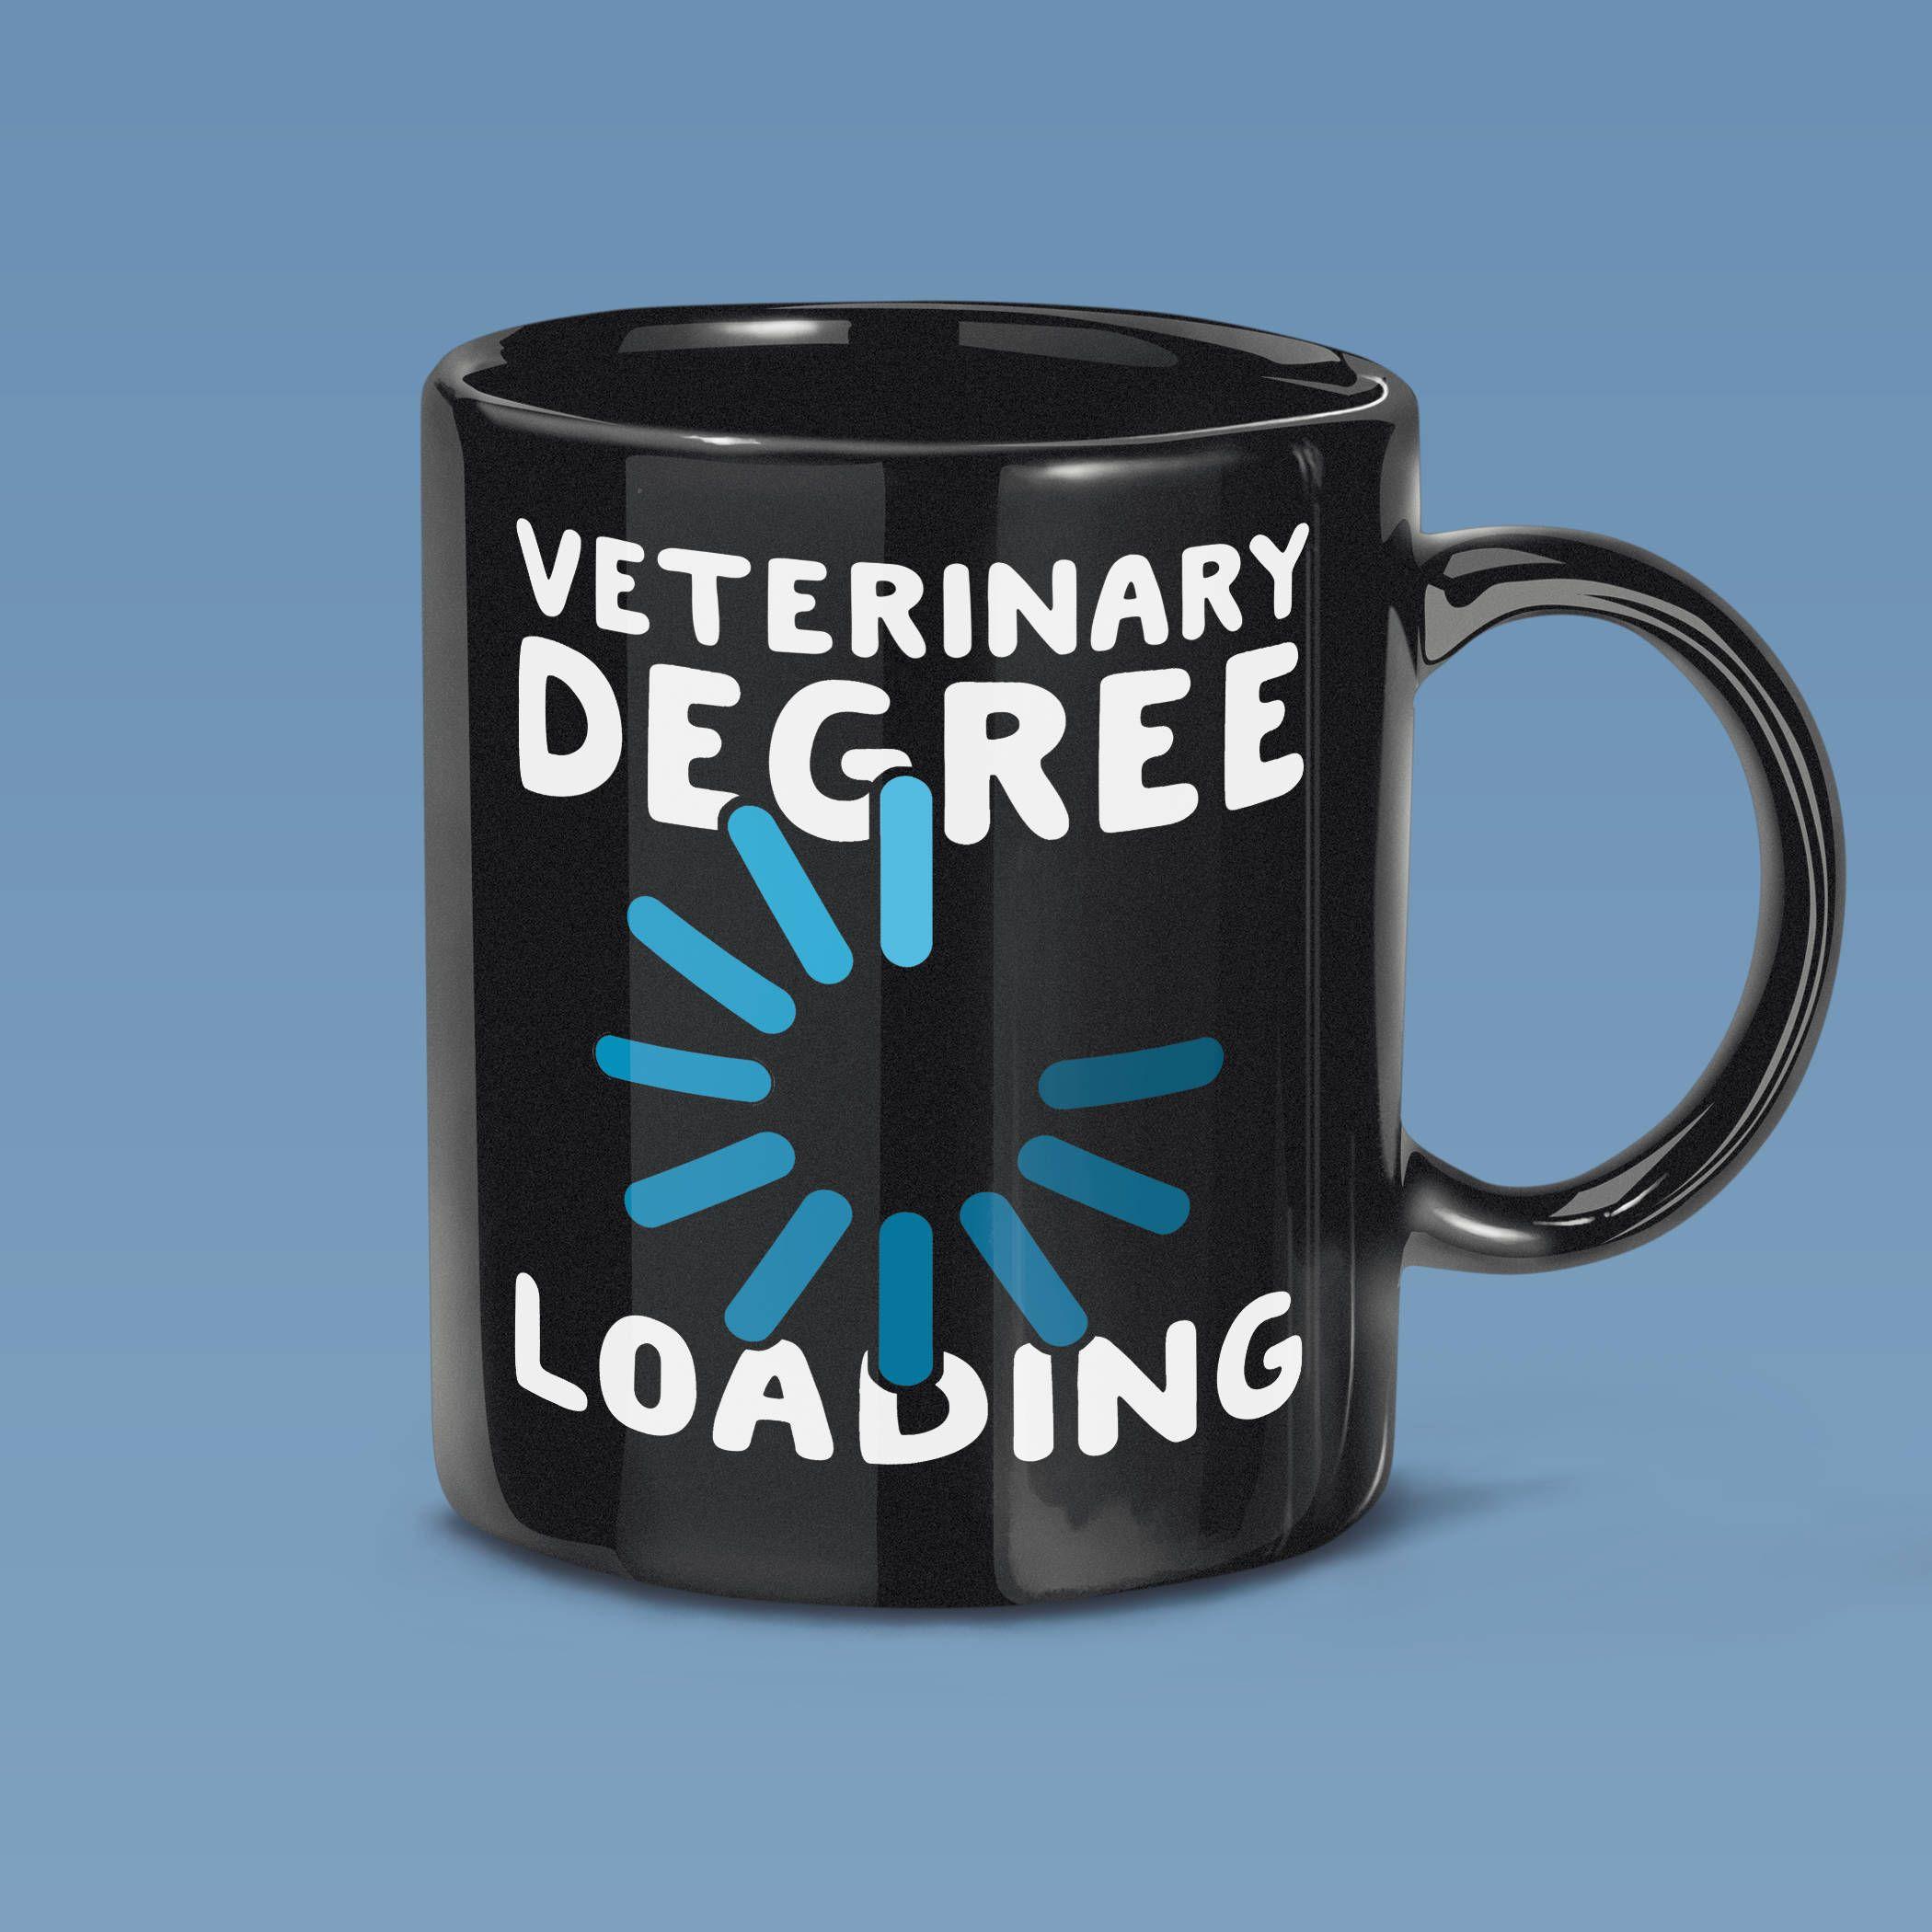 Vet student mug veterinary student graduation gift vet